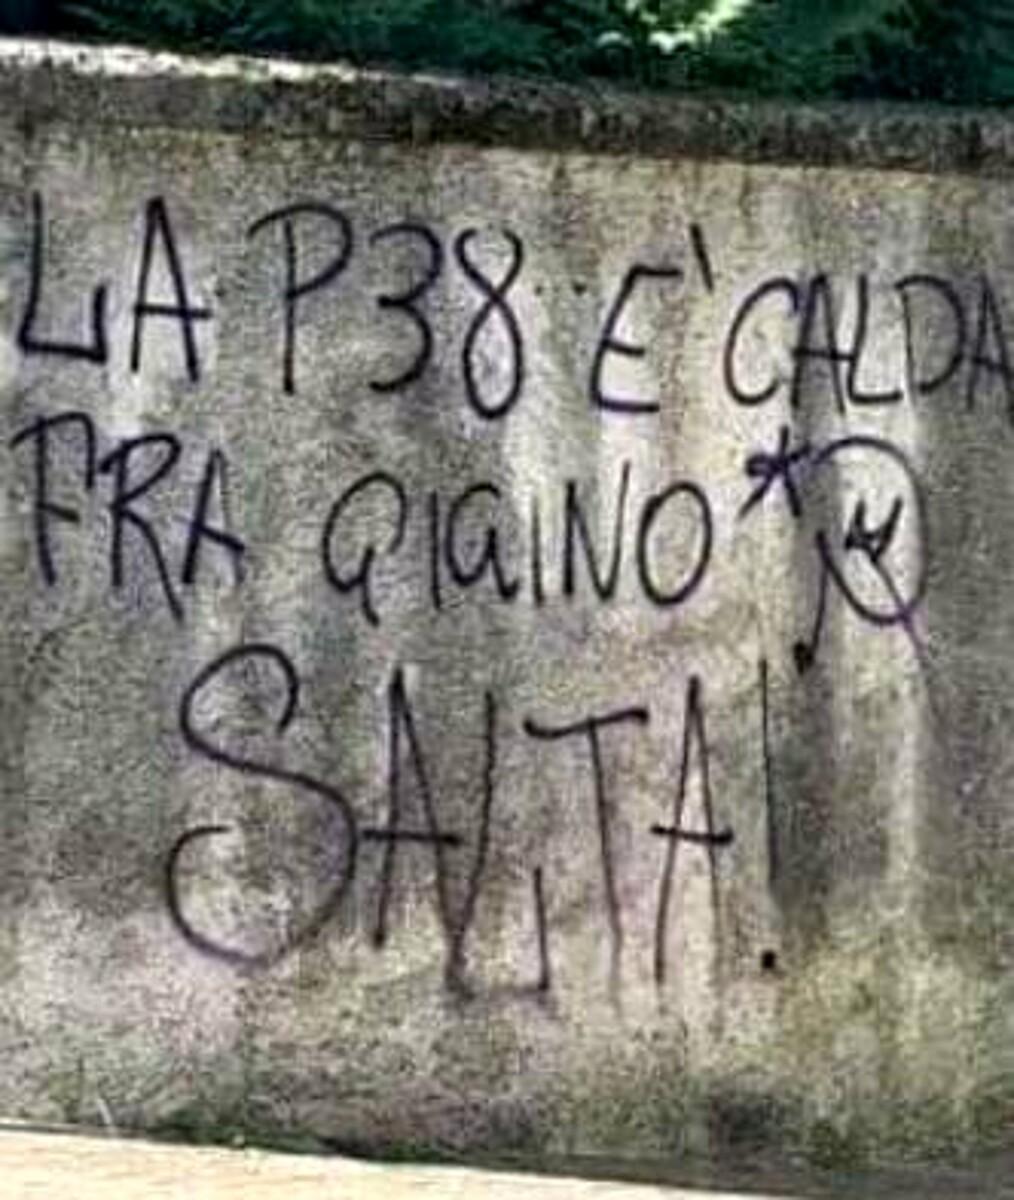 """""""La P38 è calda, fra Gigino salta!"""": spuntano minacce sul muro per Petrone, a Cava"""